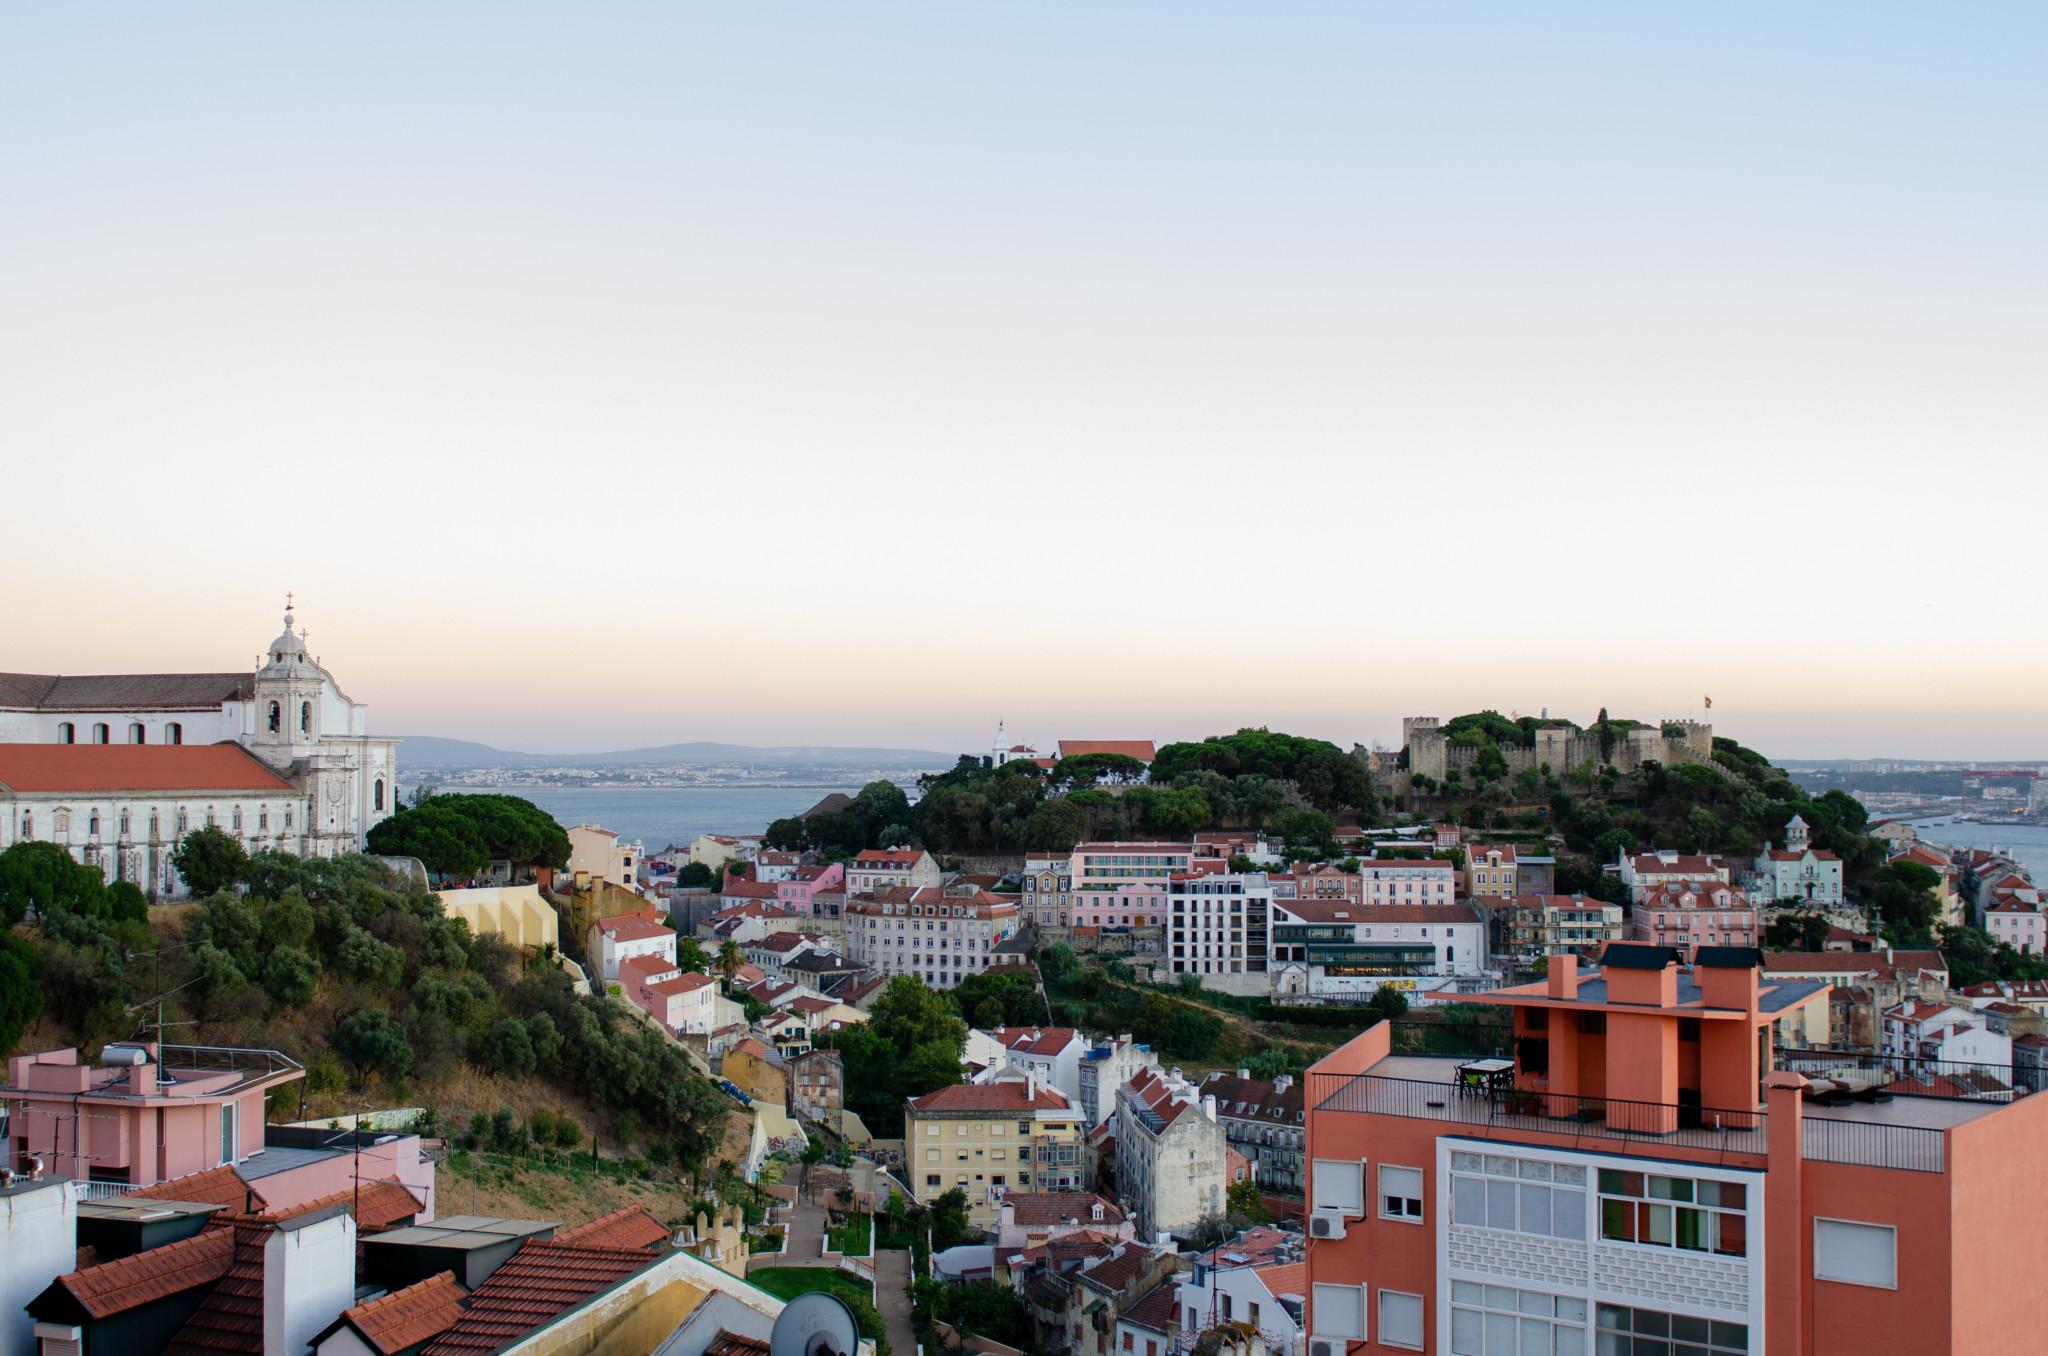 Ausblick über die Lissabon Sehenswürdigkeiten von einem Miradouro aus